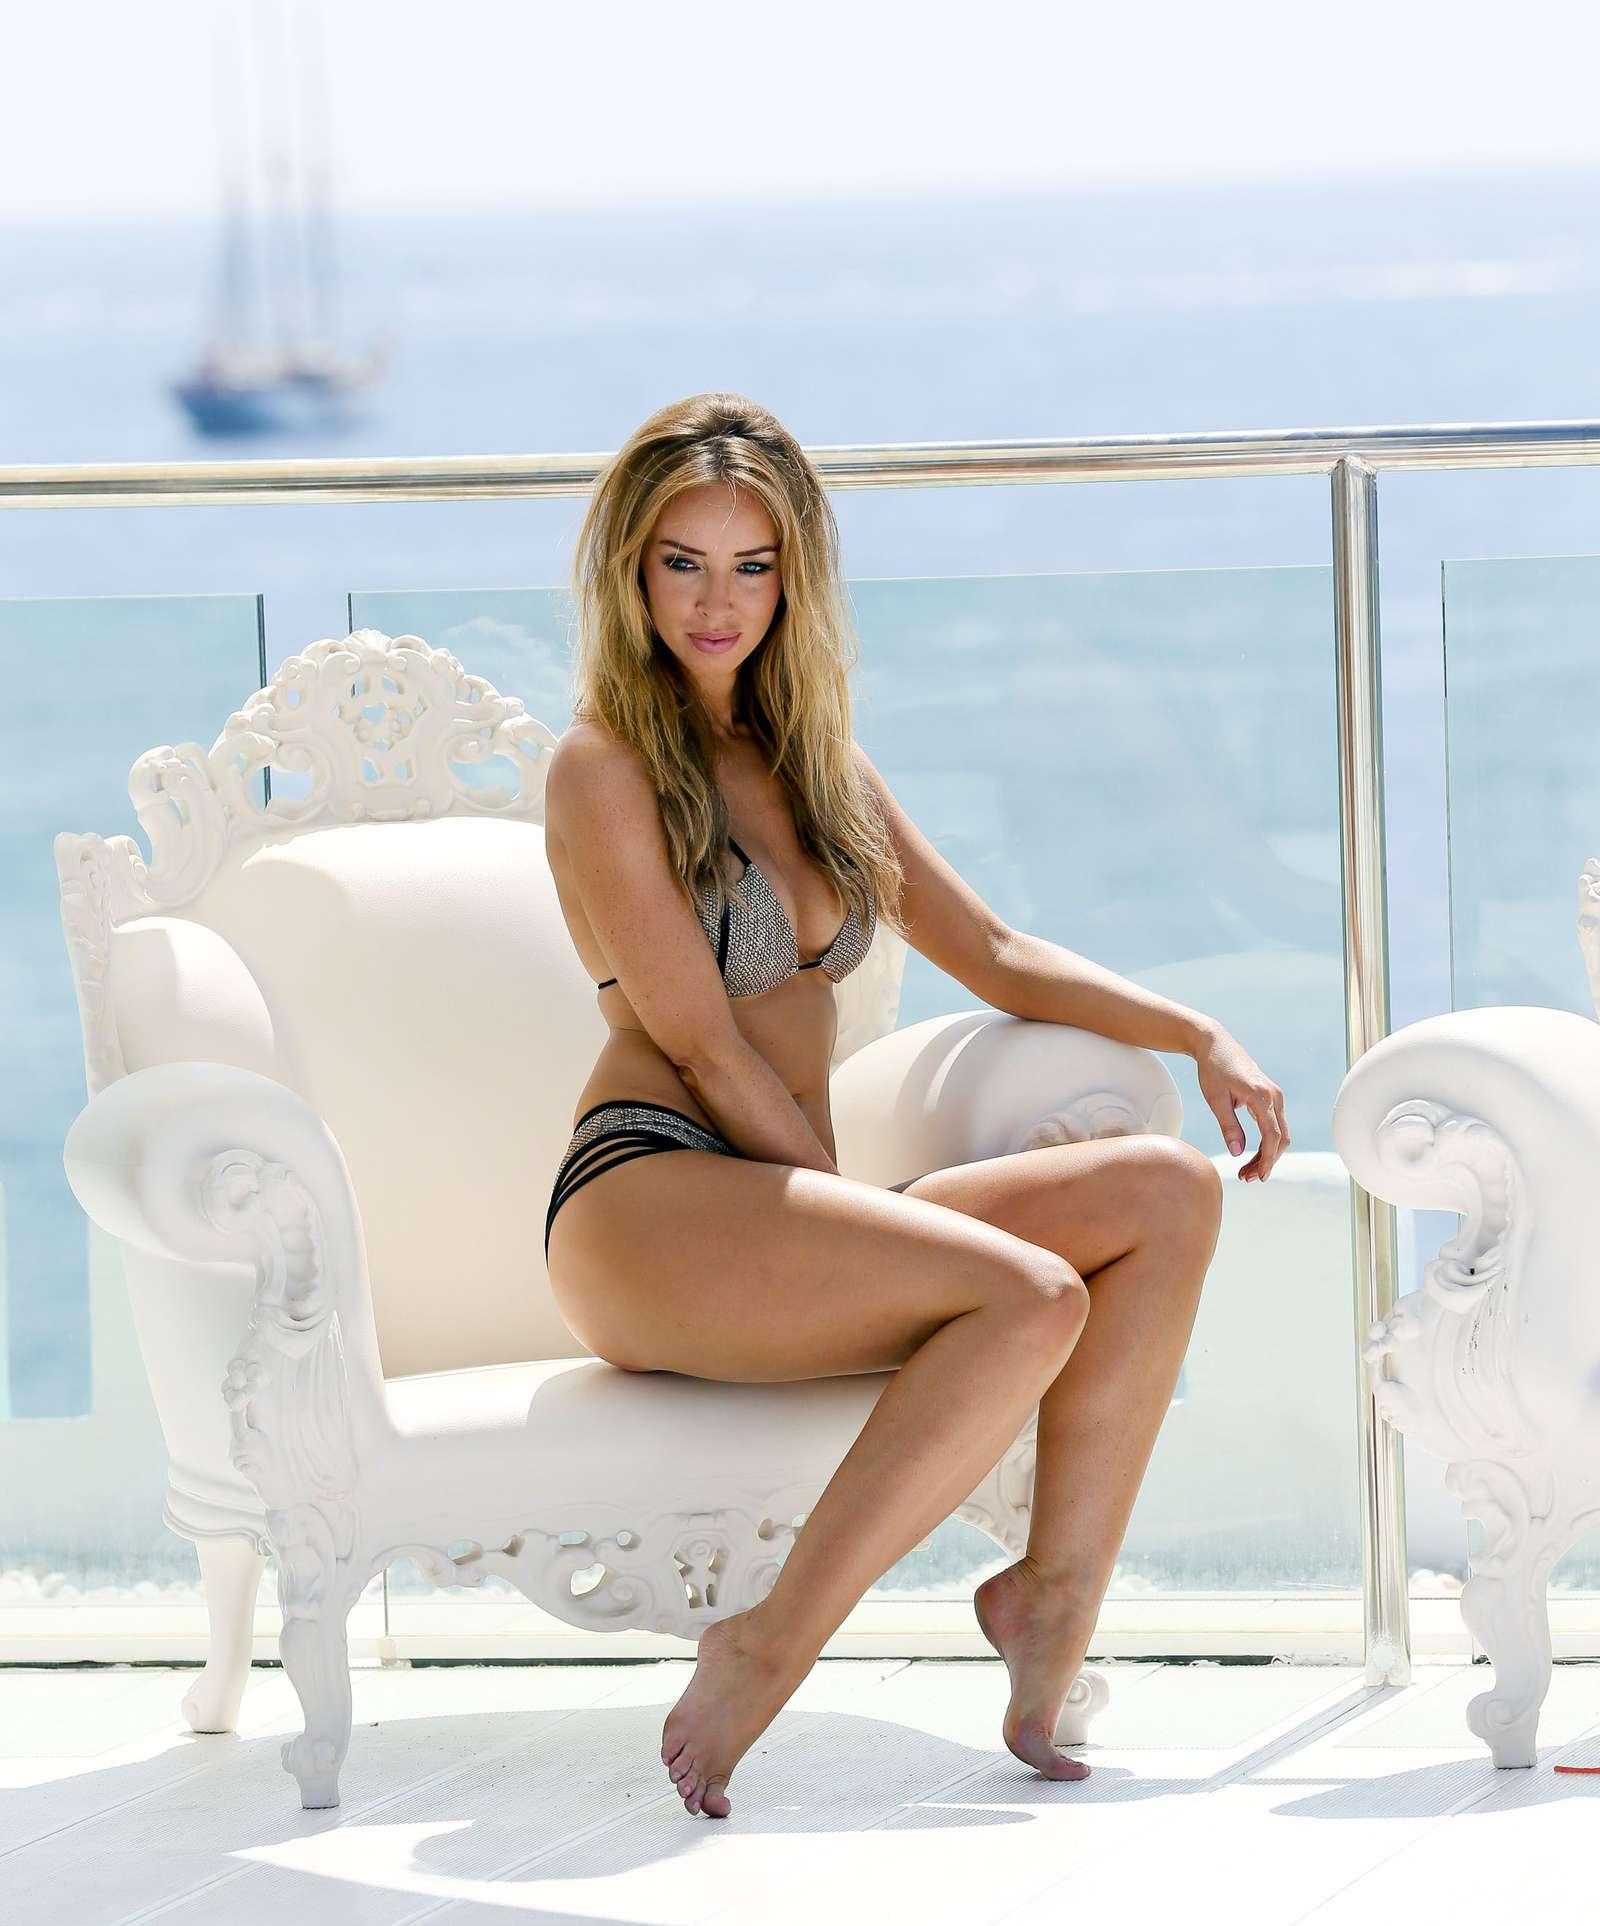 Lauren pope dating site